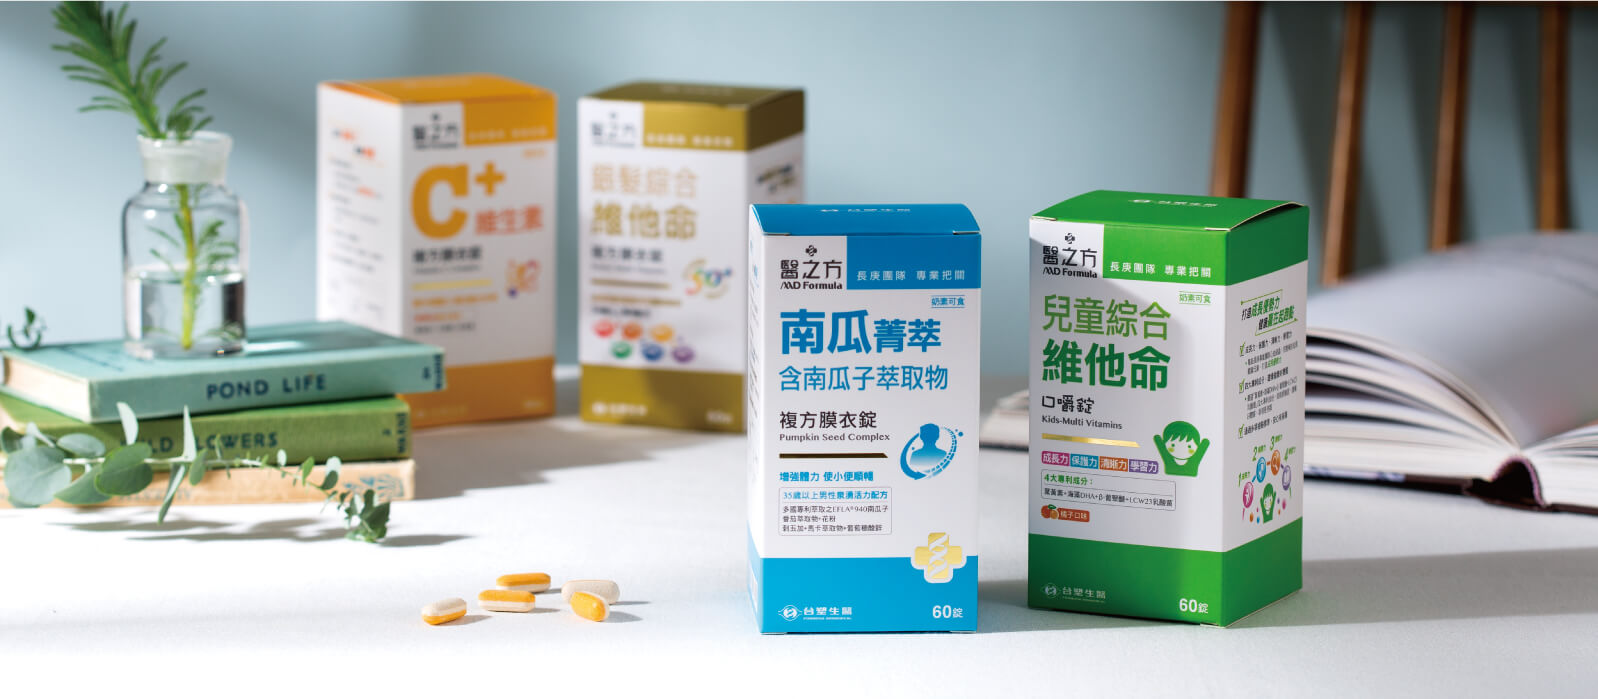 台塑生醫 保健食品包裝設計